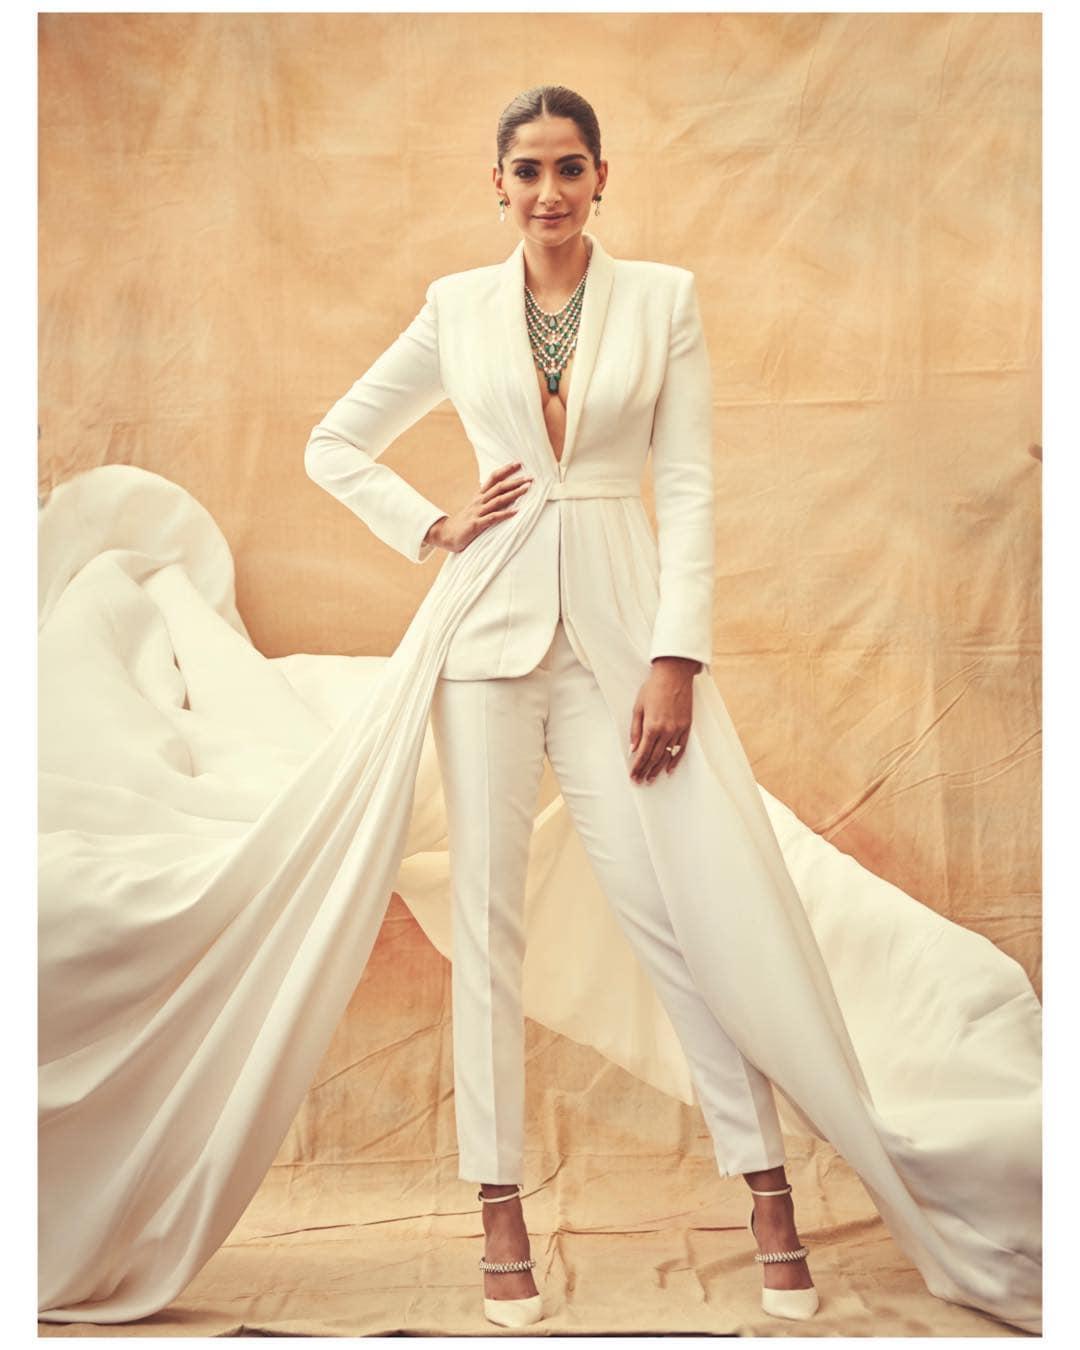 కేన్స్ ఫిల్మ్ ఫెస్టివల్లో అదరగొట్టిన సోనమ్ కపూర్ Photo: Instagram.com/sonamkapoor